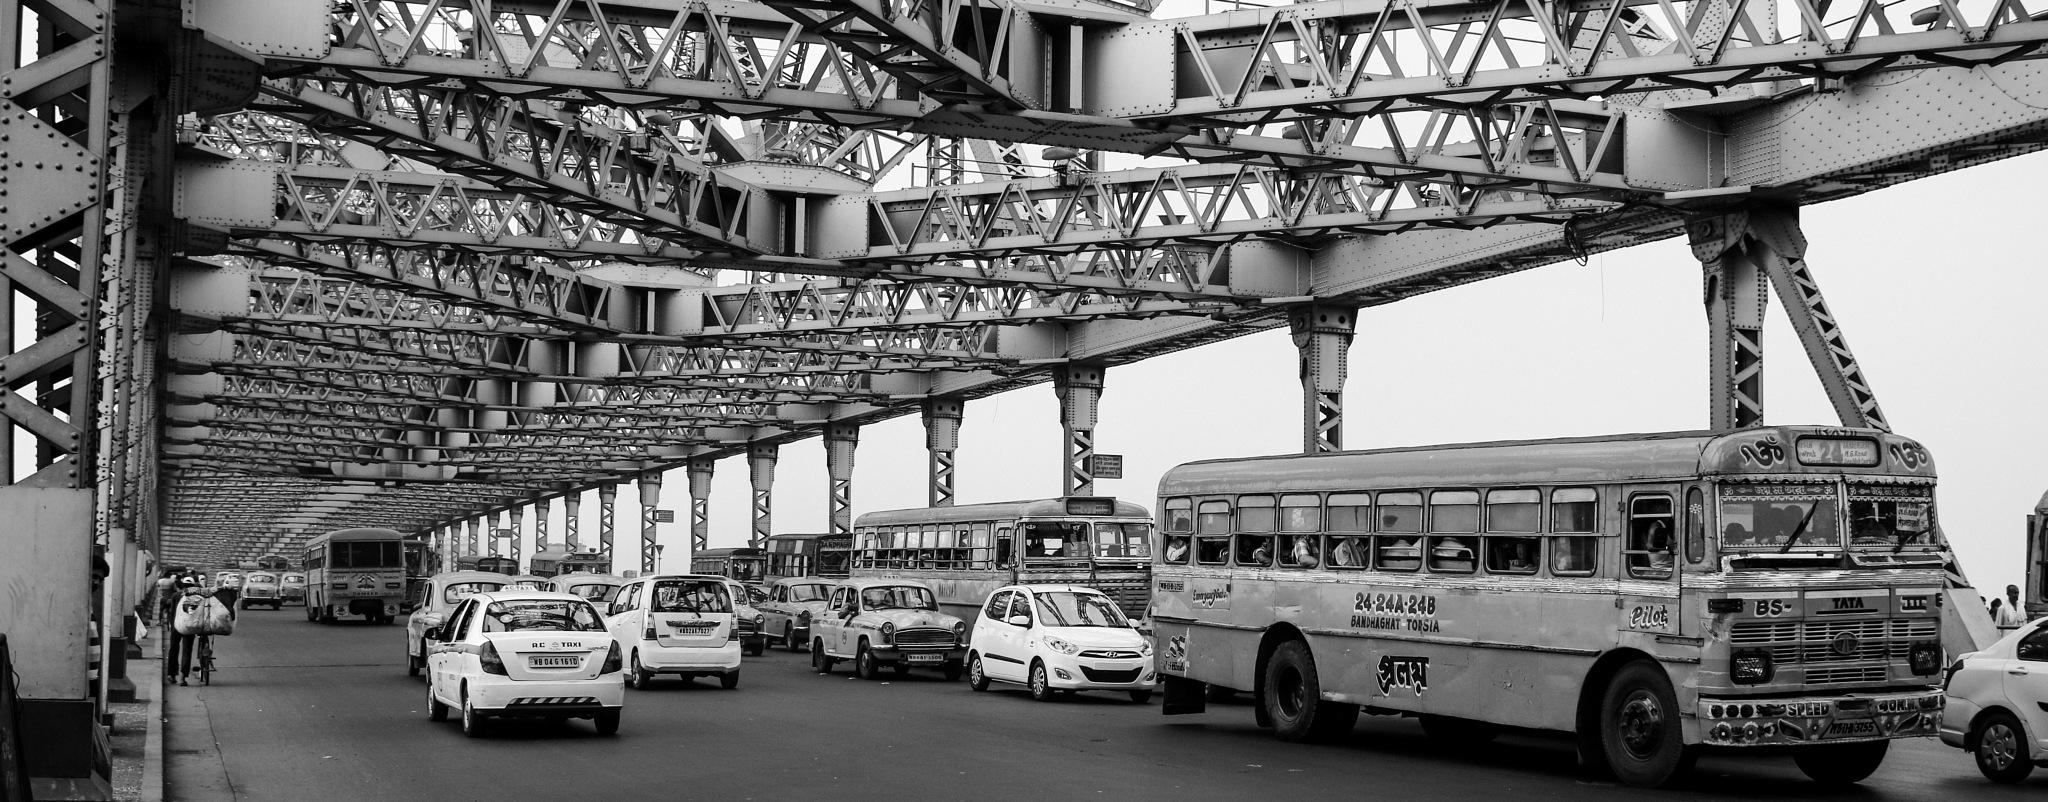 Panoramic view of Howrah Bridge by Shailendra Sinha